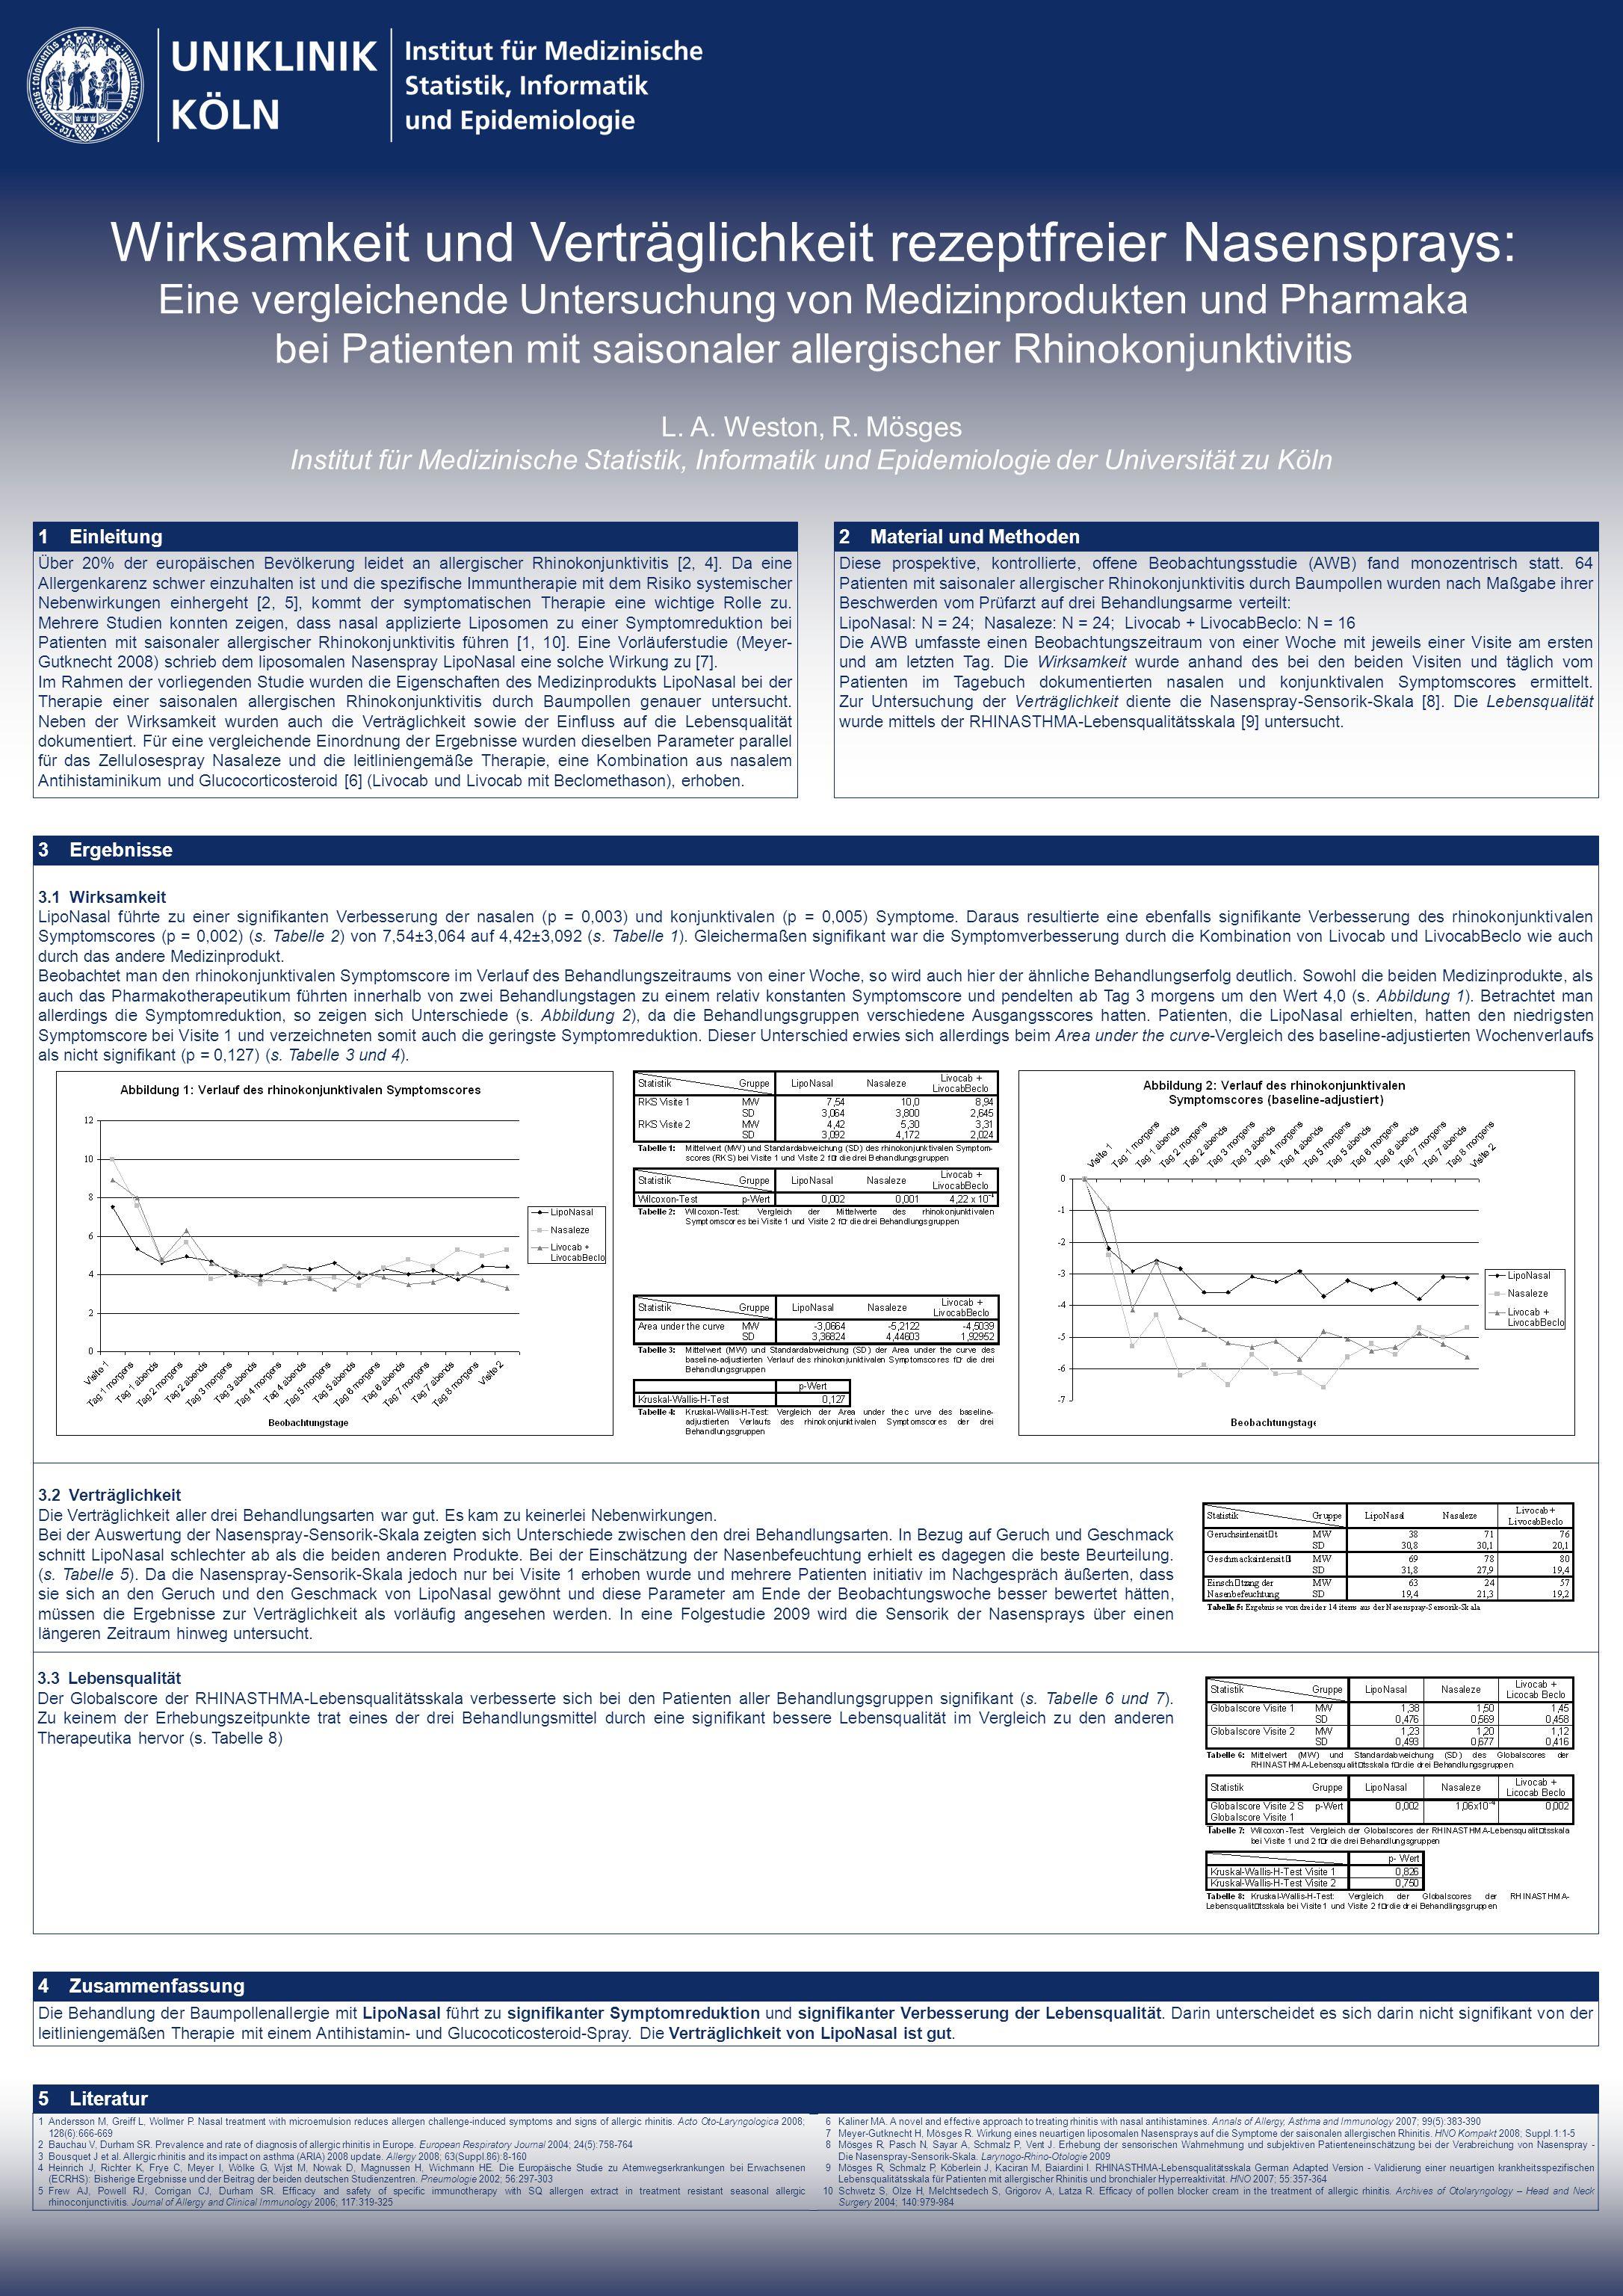 Wirksamkeit und Verträglichkeit rezeptfreier Nasensprays: Eine vergleichende Untersuchung von Medizinprodukten und Pharmaka bei Patienten mit saisonaler allergischer Rhinokonjunktivitis L.